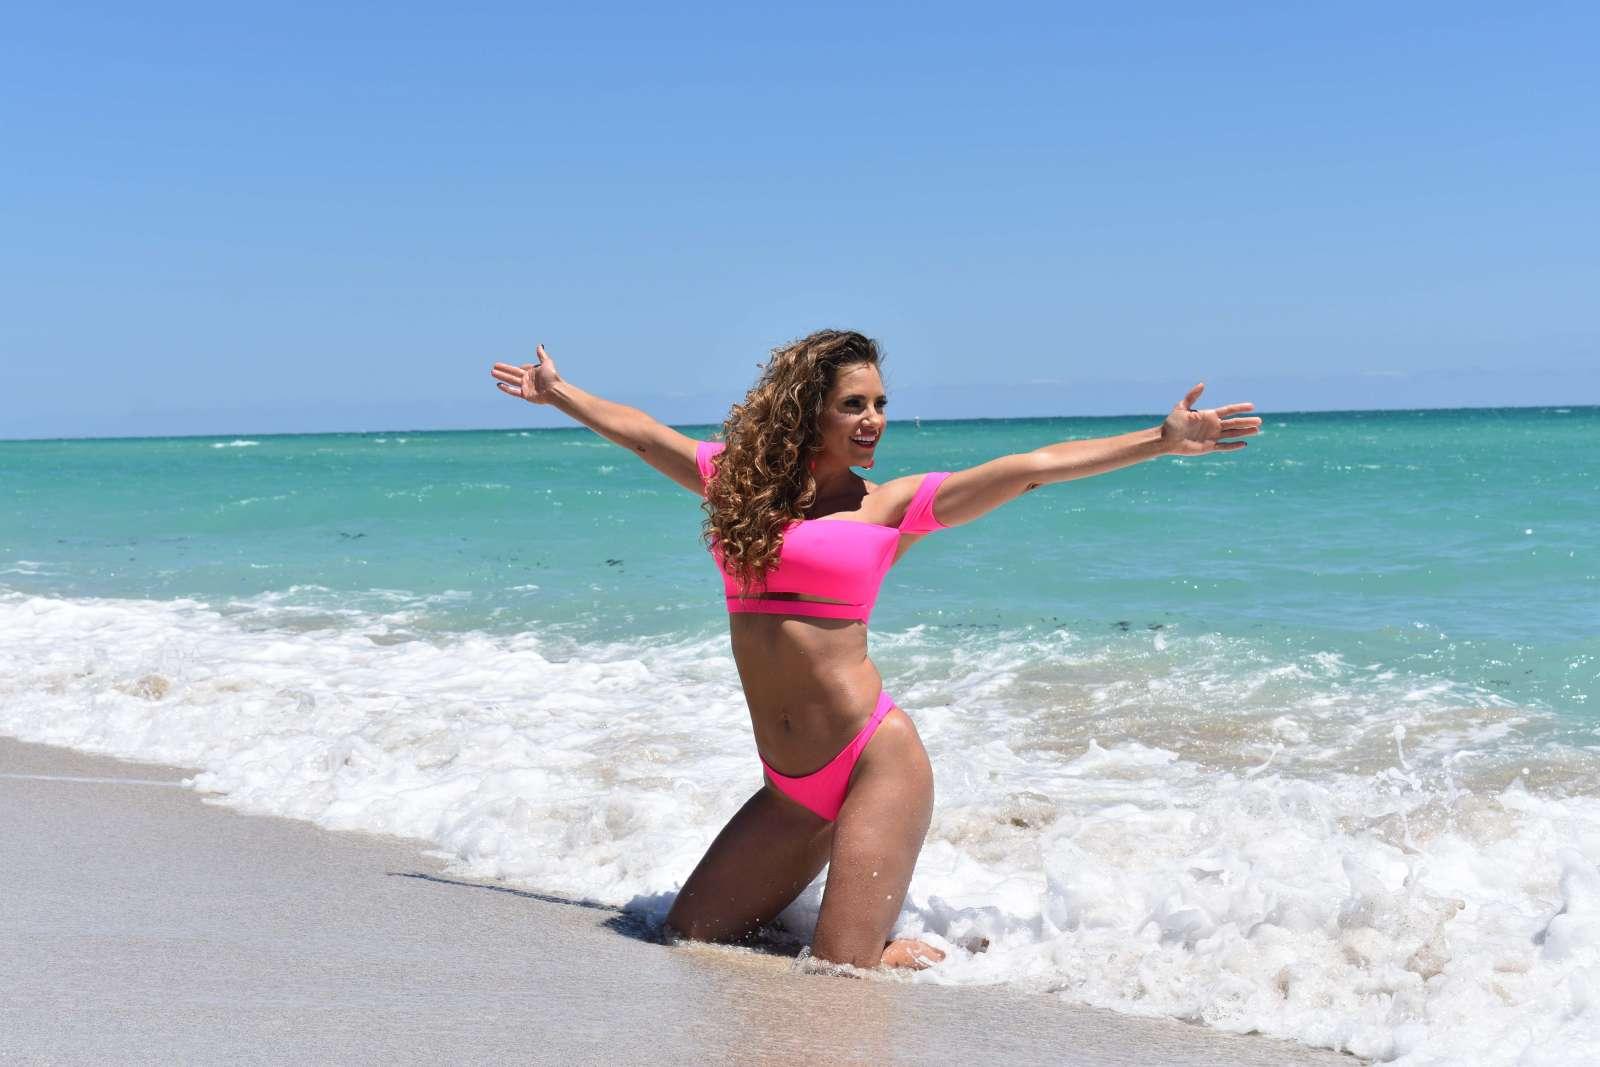 Jennifer Nicole Lee 2018 : Jennifer Nicole Lee in Pink Bikini 2018 -12